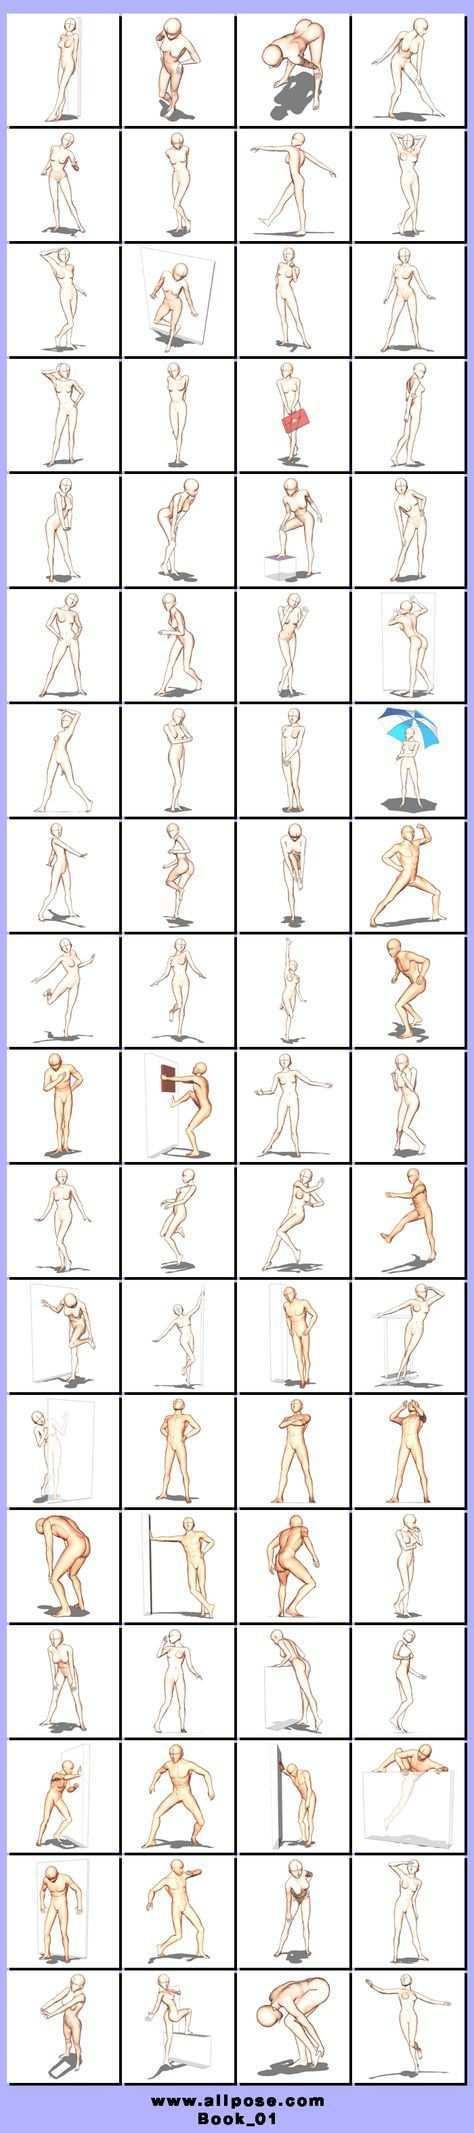 Pin Von Schwertkaiser Auf Zeichnungen Figuren Zeichnen Menschen Zeichnen Zeichnen Anleitung